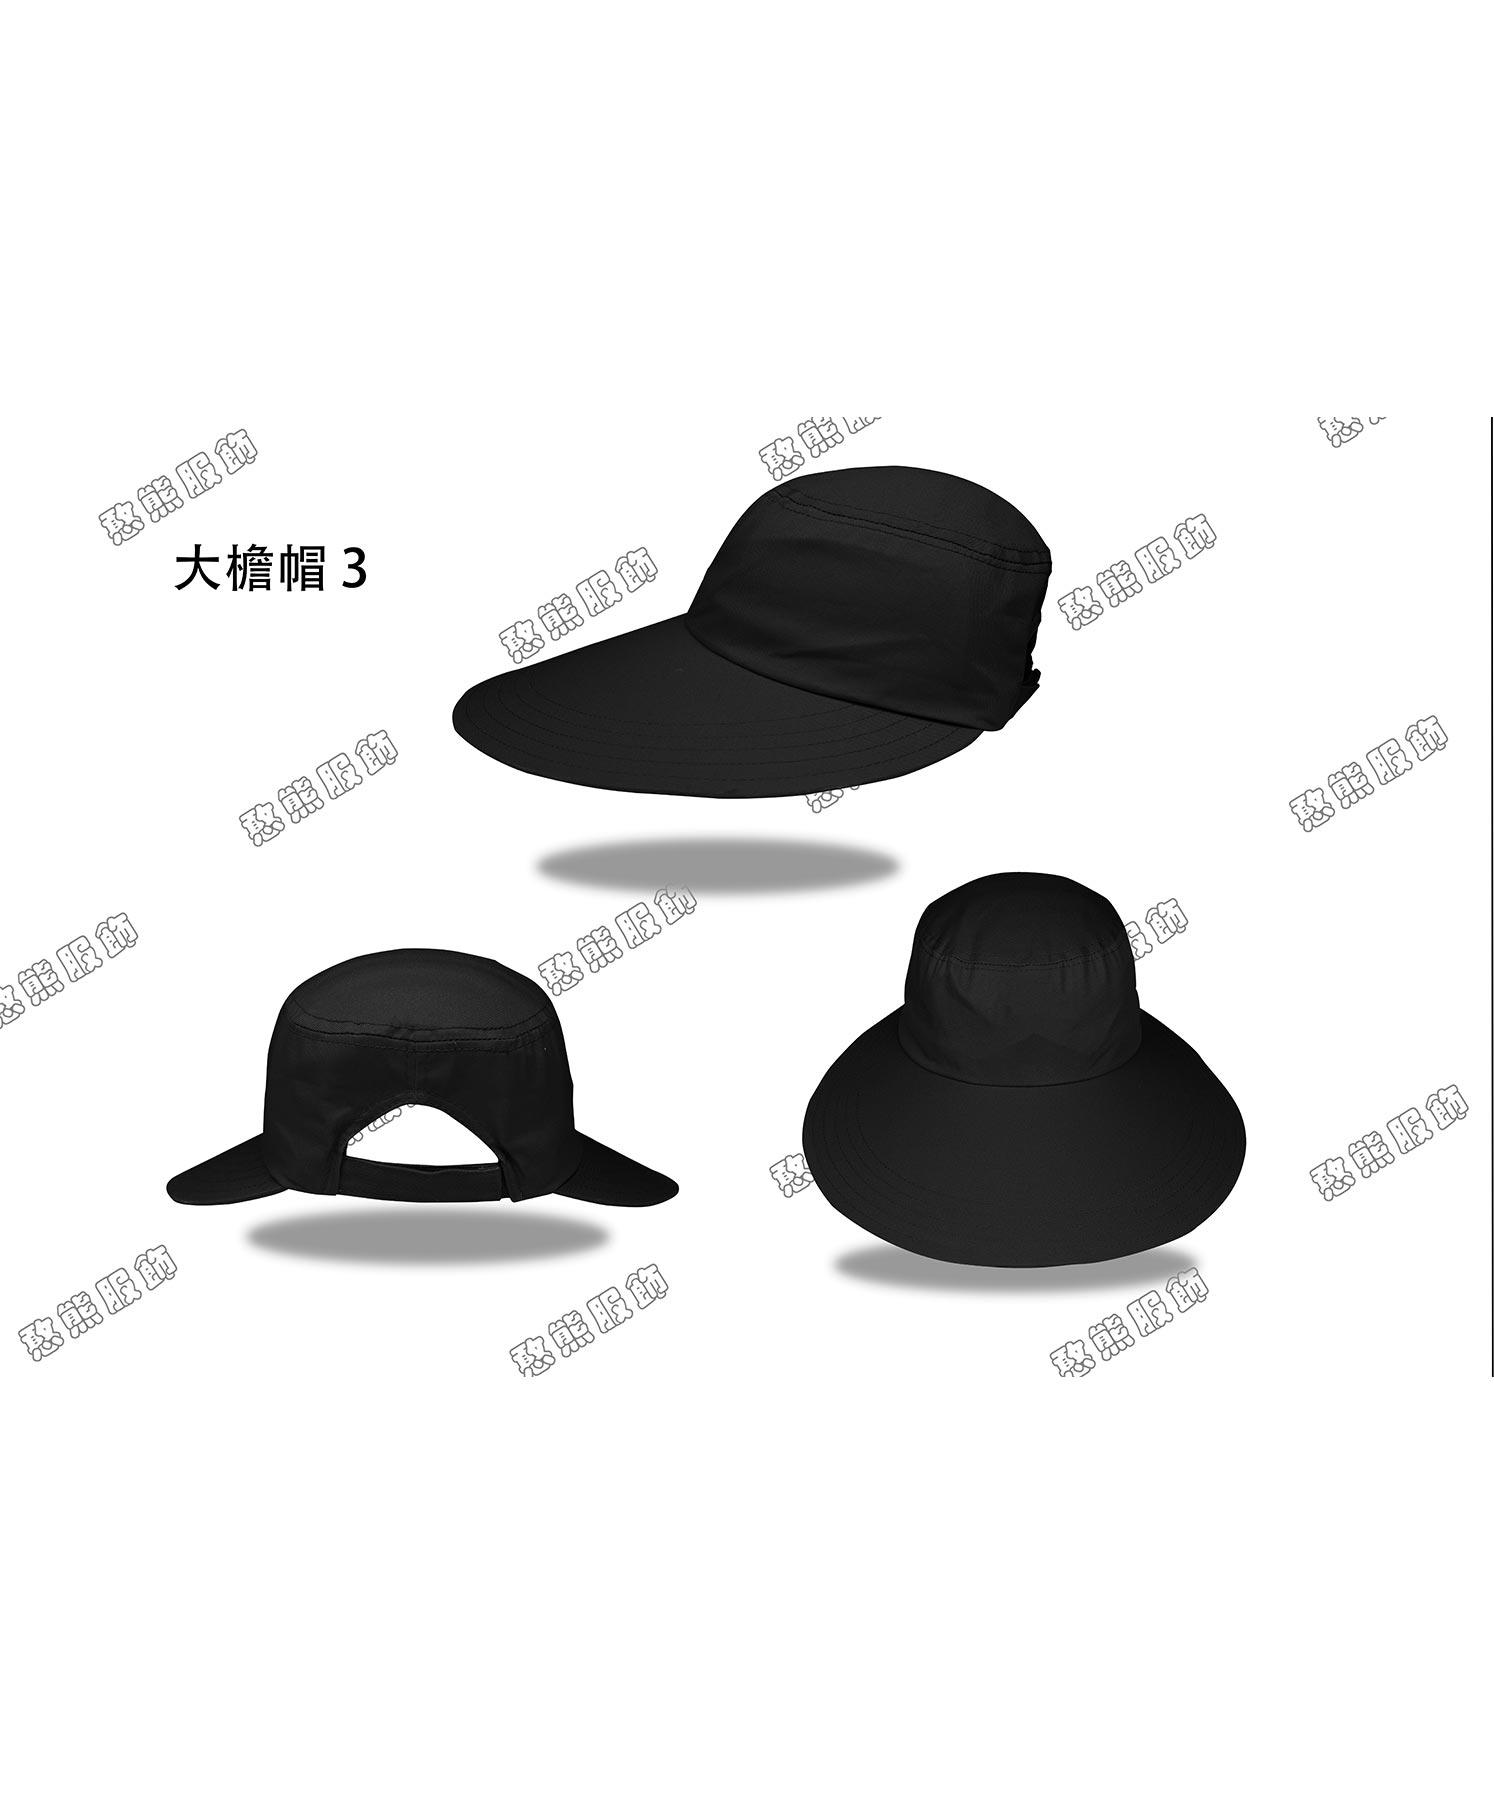 大檐帽-3